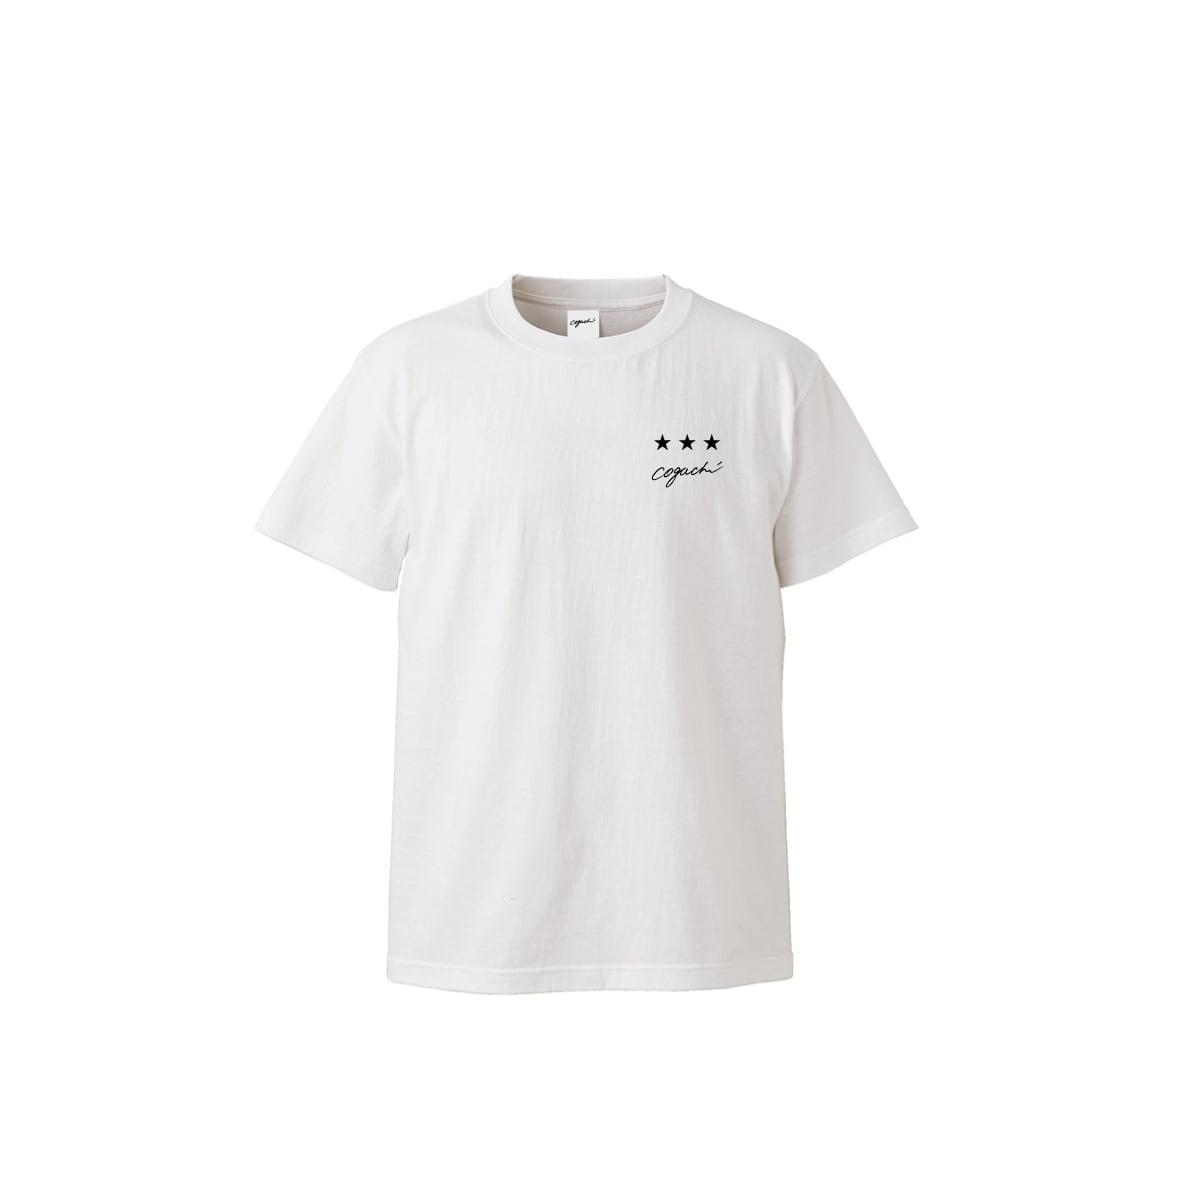 ST T-shirt(WHITE)